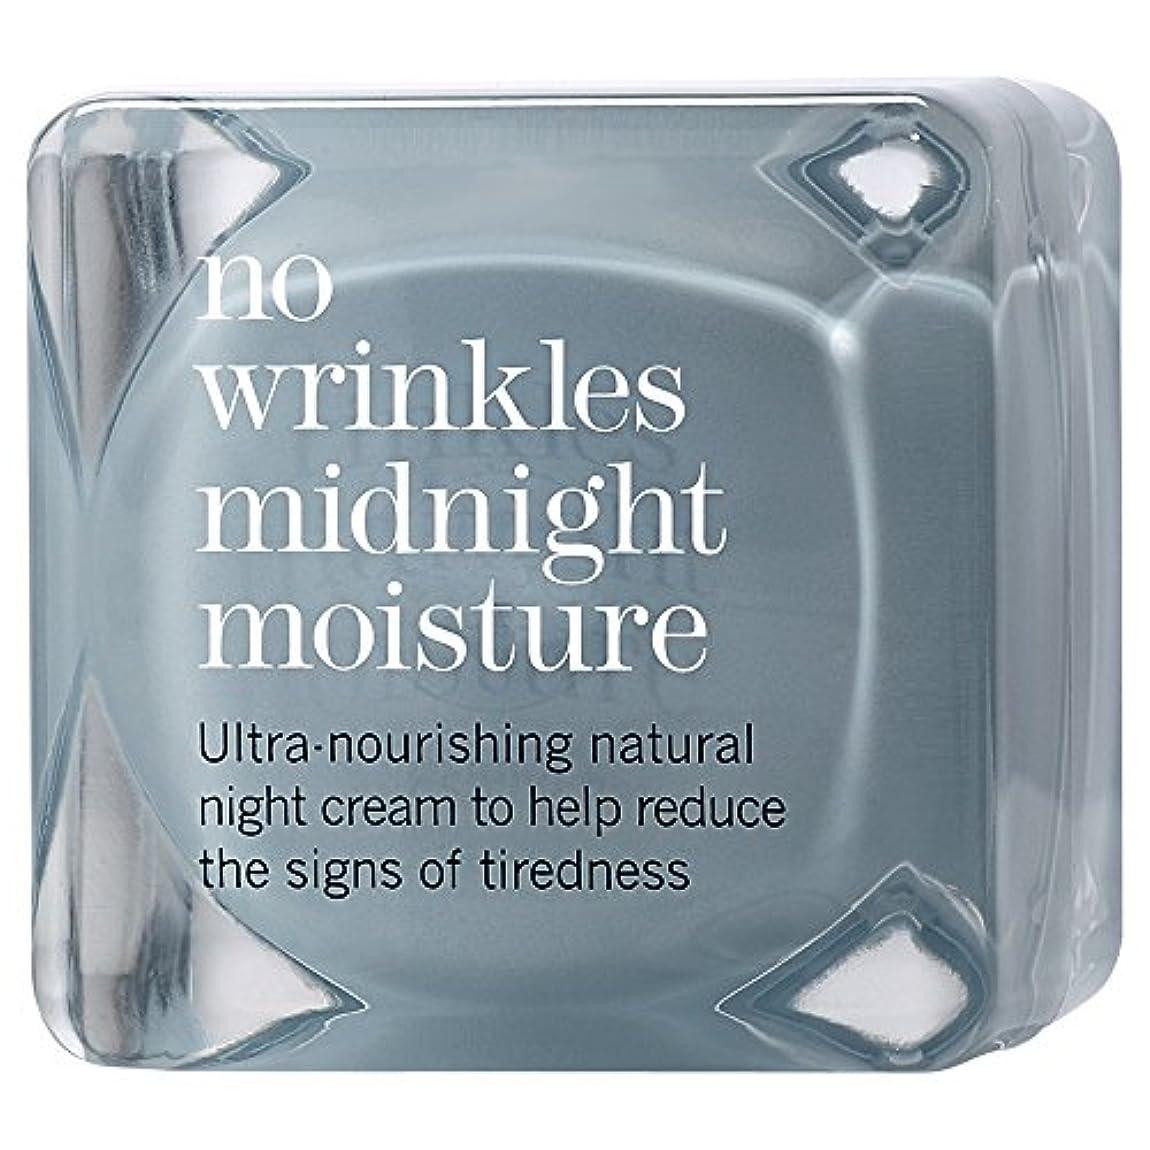 ジム処方利点これにはしわ真夜中の水分48ミリリットルの作品はありません (This Works) (x6) - This Works No Wrinkles Midnight Moisture 48ml (Pack of 6) [並行輸入品]